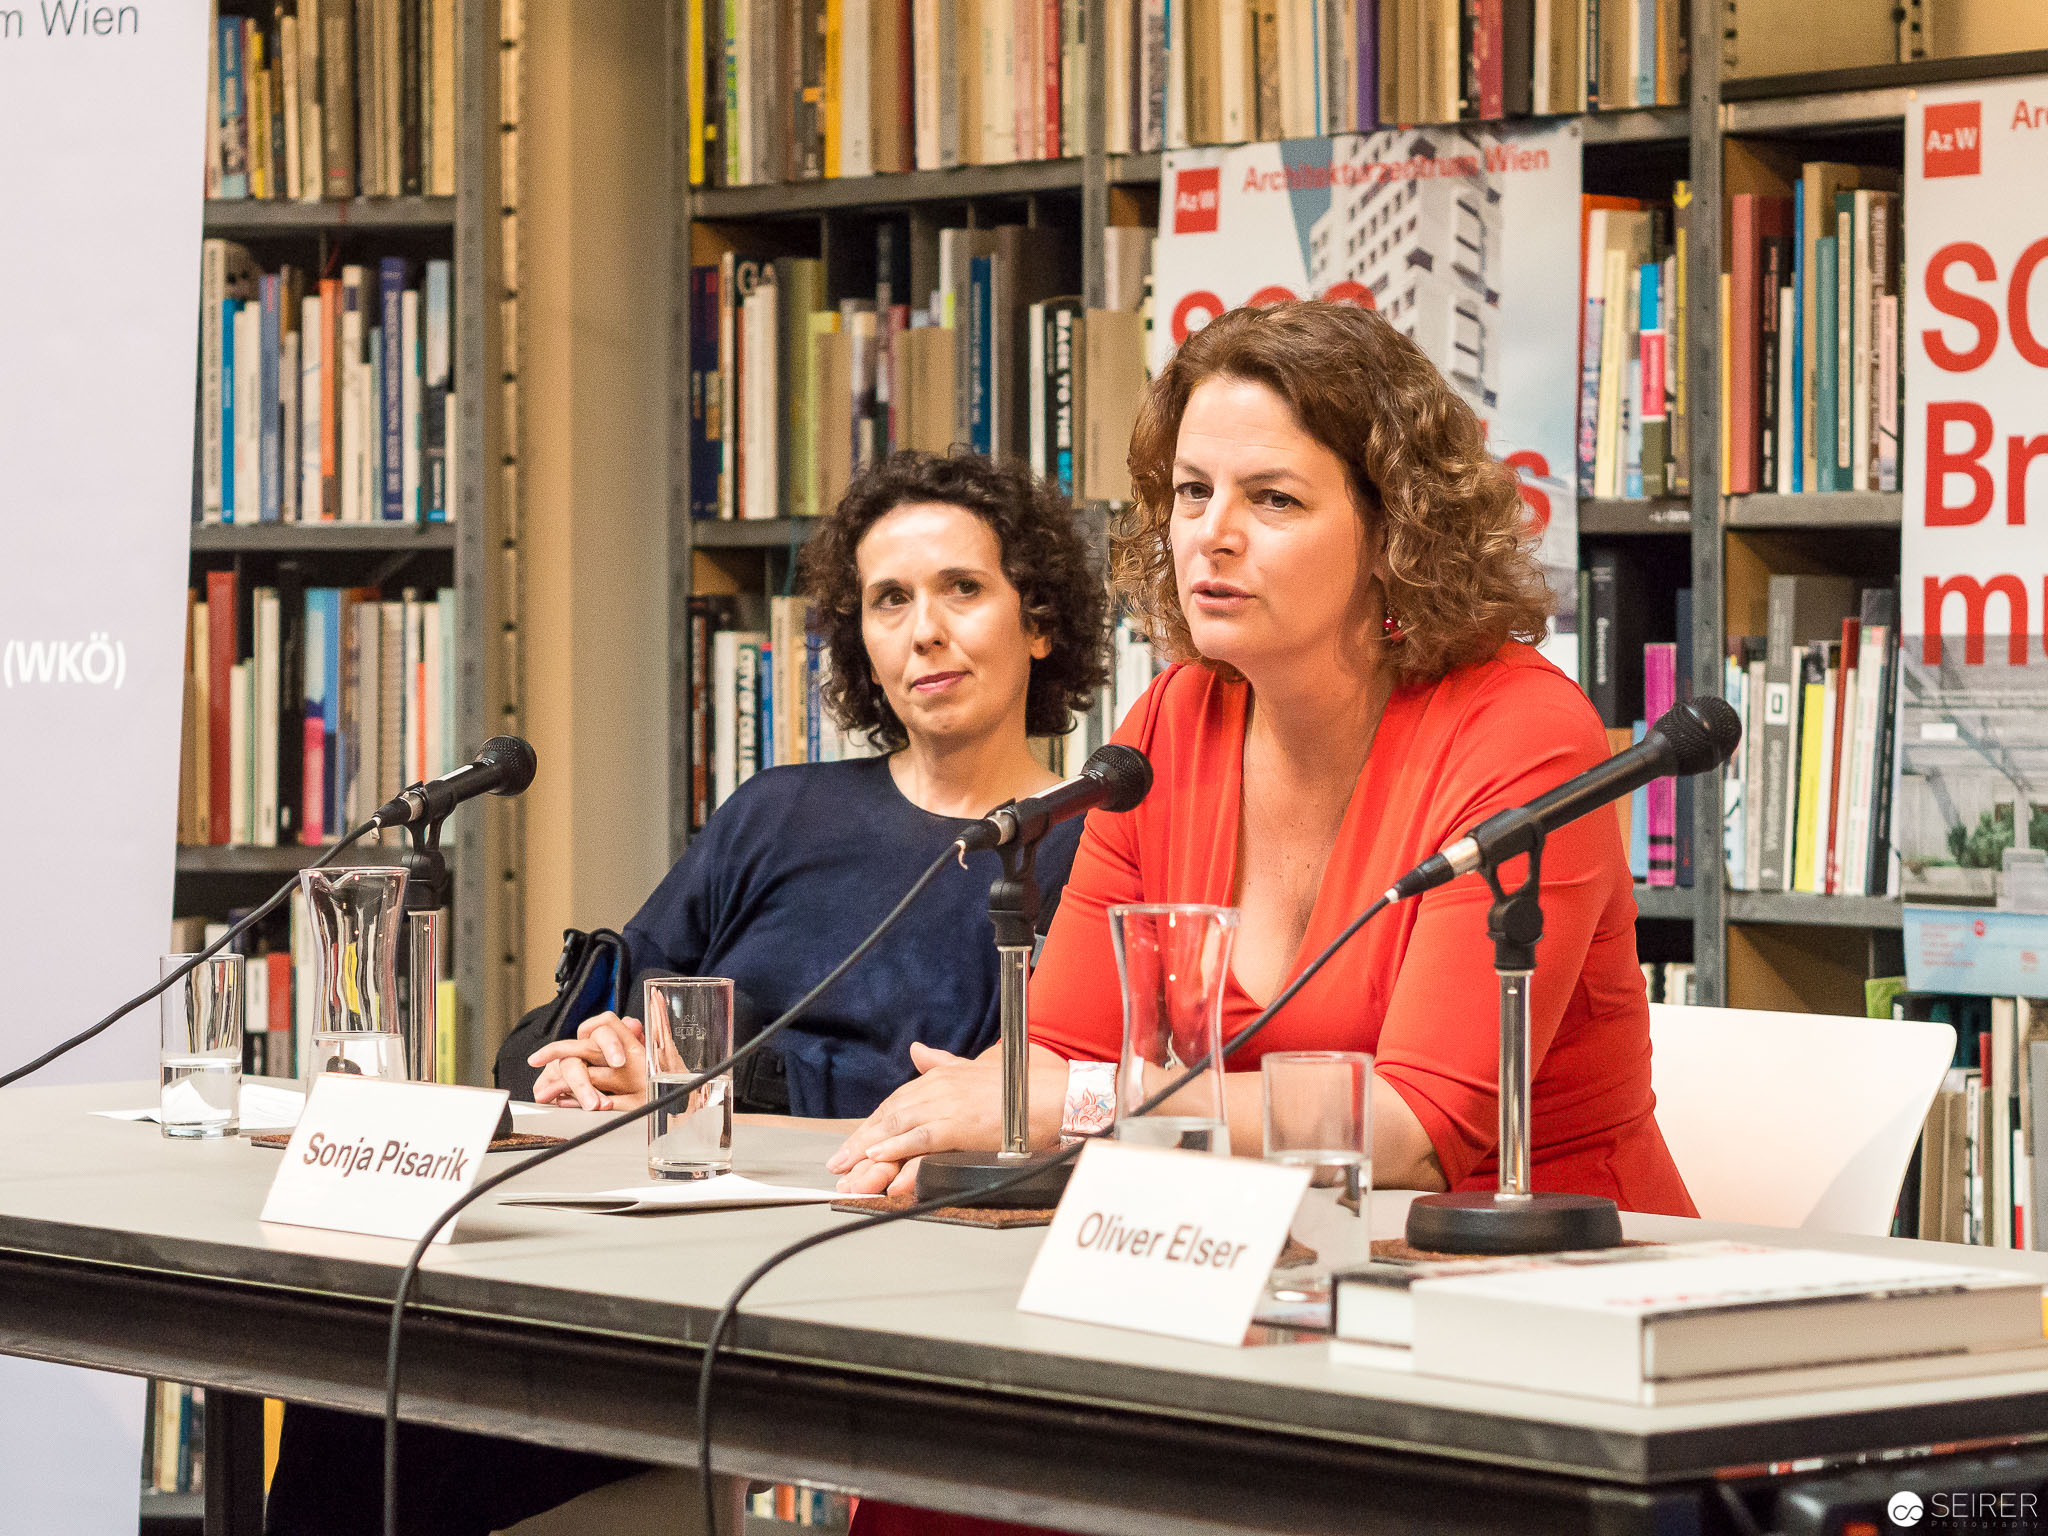 Pressekonferenz mit Angelika Fritz, Sonja Pisarik